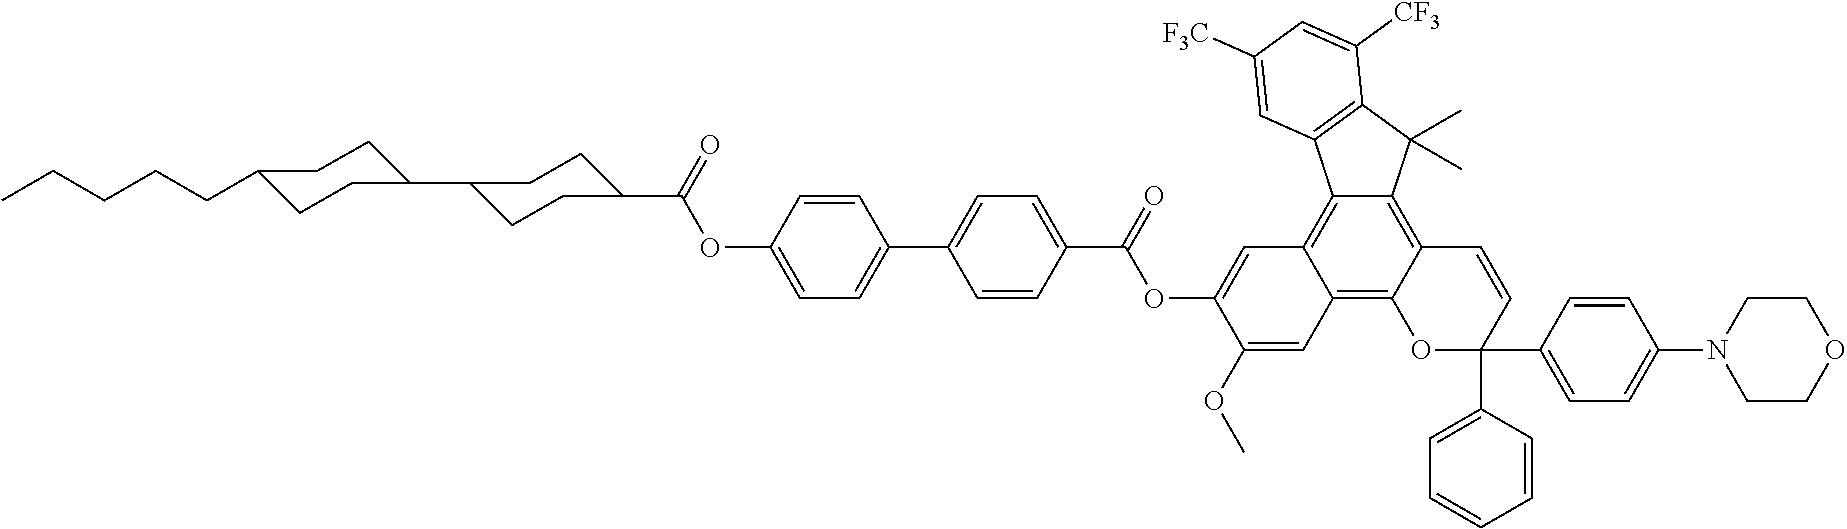 Figure US08518546-20130827-C00058